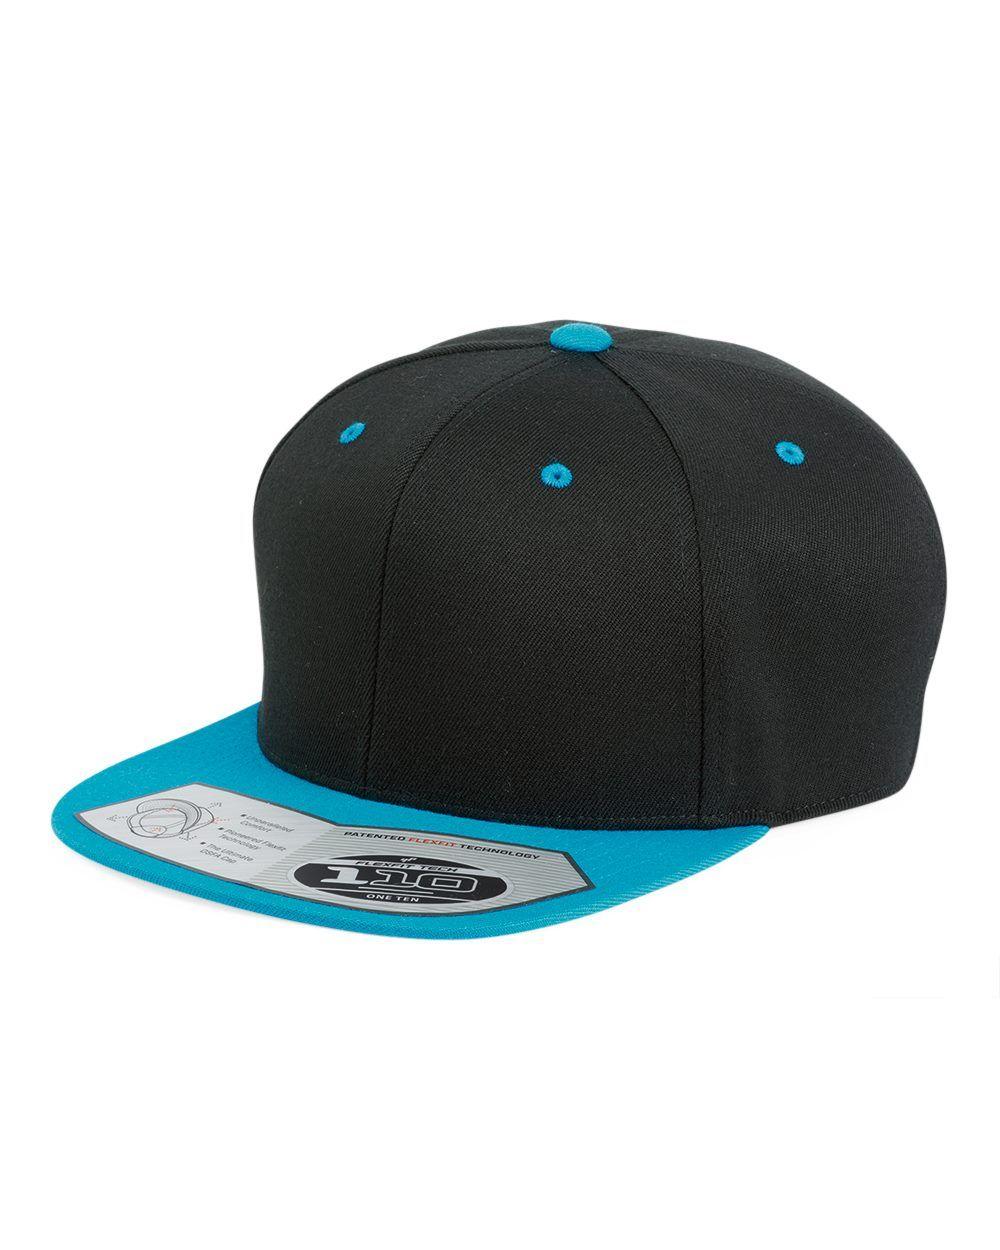 Flexfit 110® Flat Bill Snapback Cap